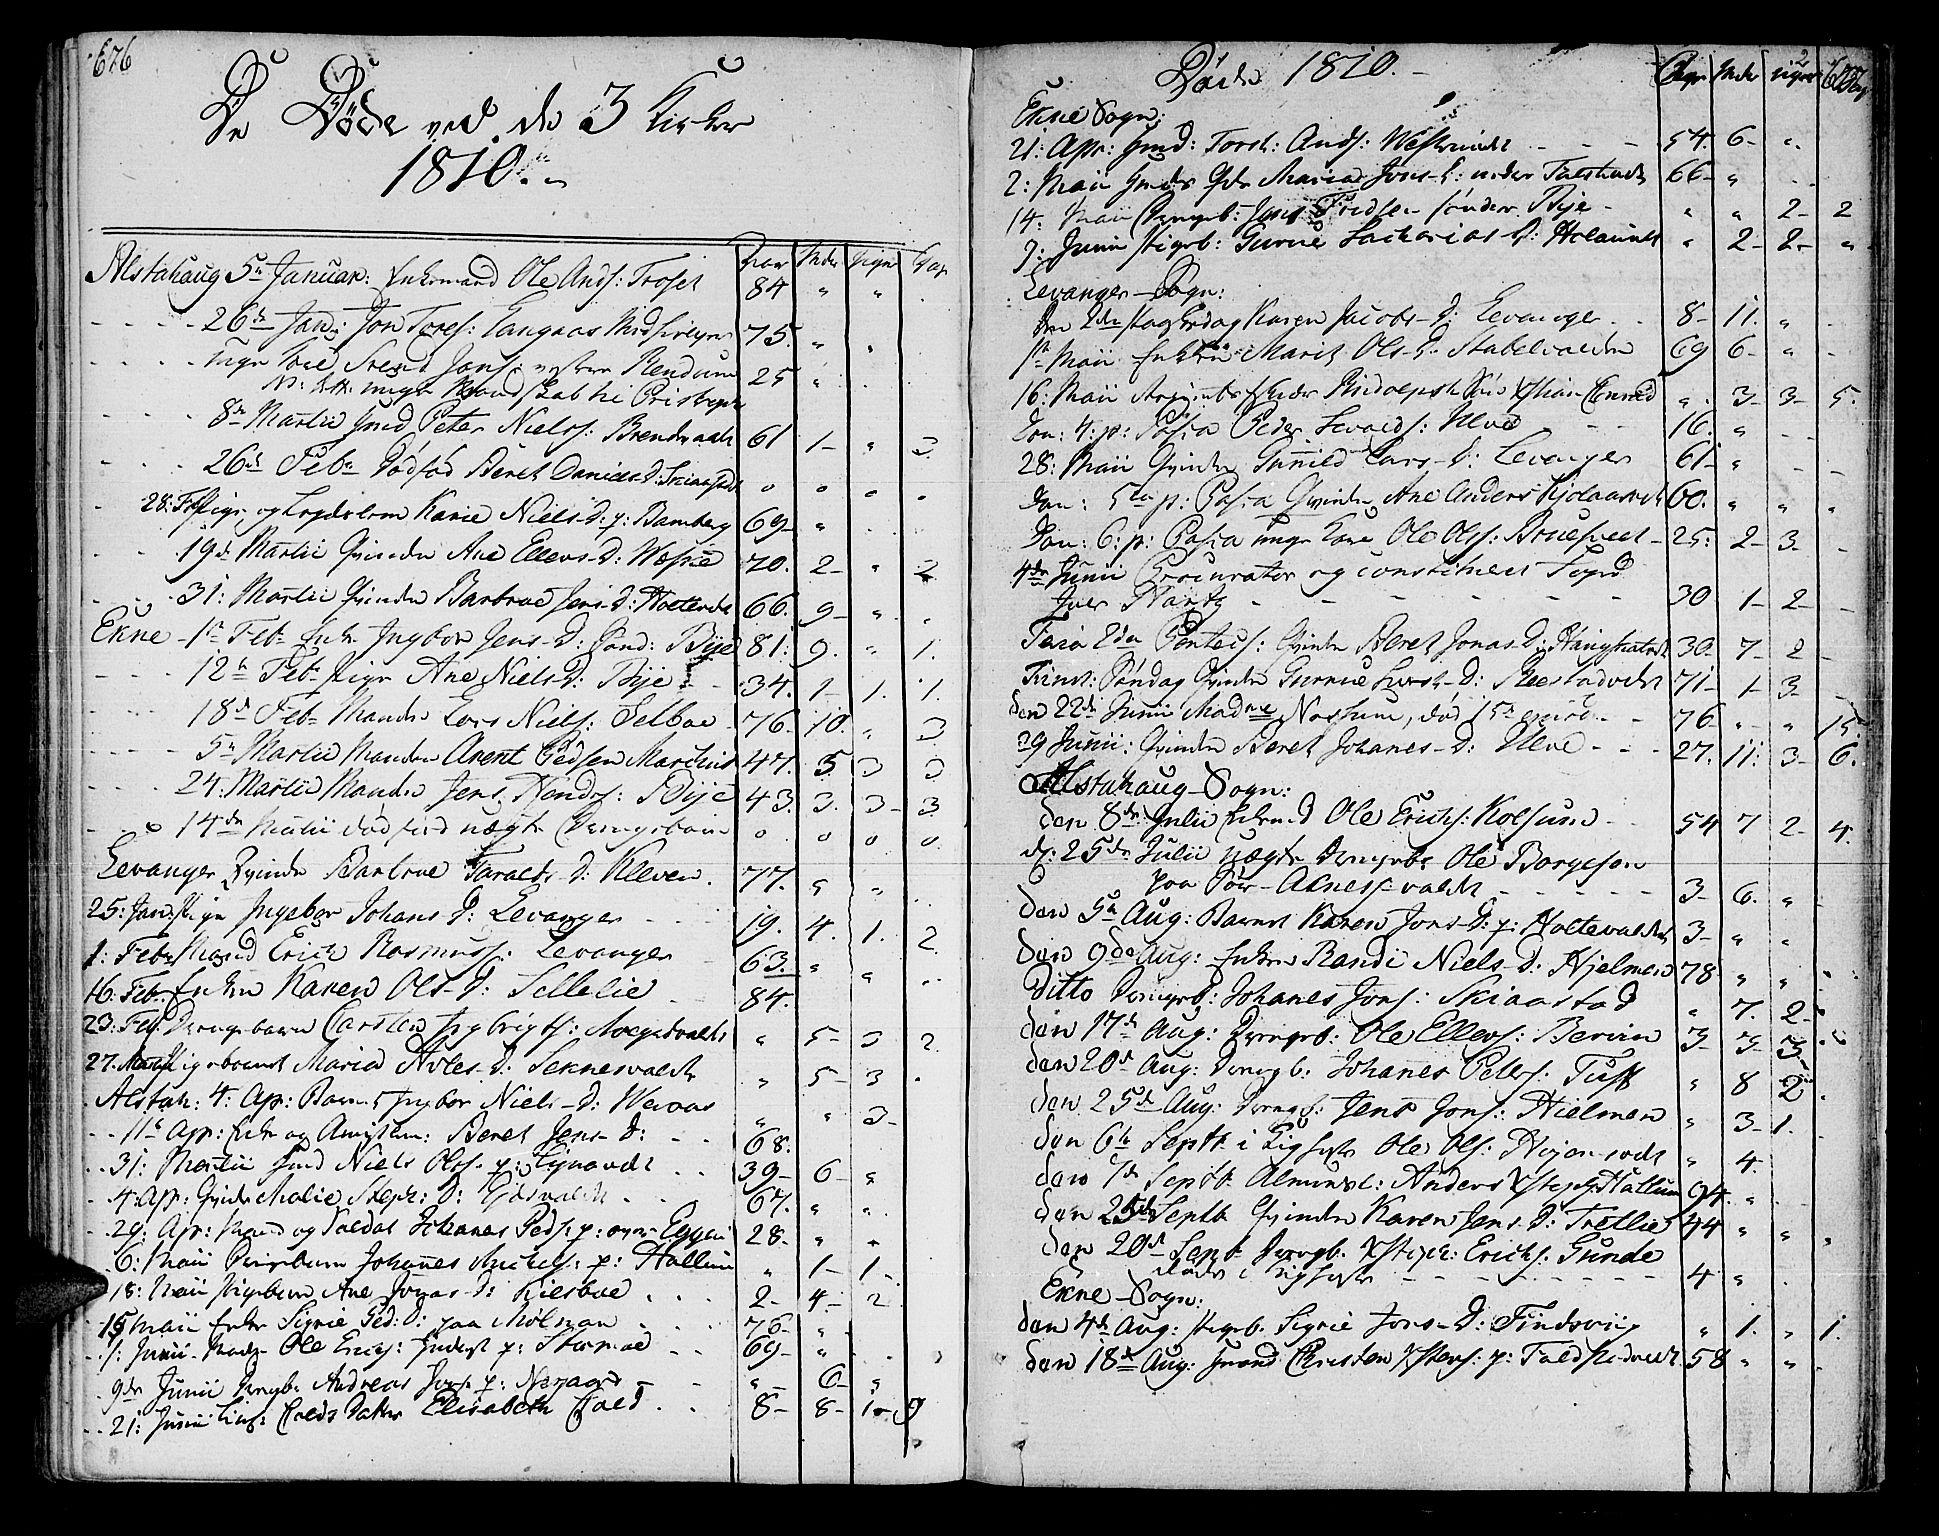 SAT, Ministerialprotokoller, klokkerbøker og fødselsregistre - Nord-Trøndelag, 717/L0145: Ministerialbok nr. 717A03 /1, 1810-1815, s. 676-677